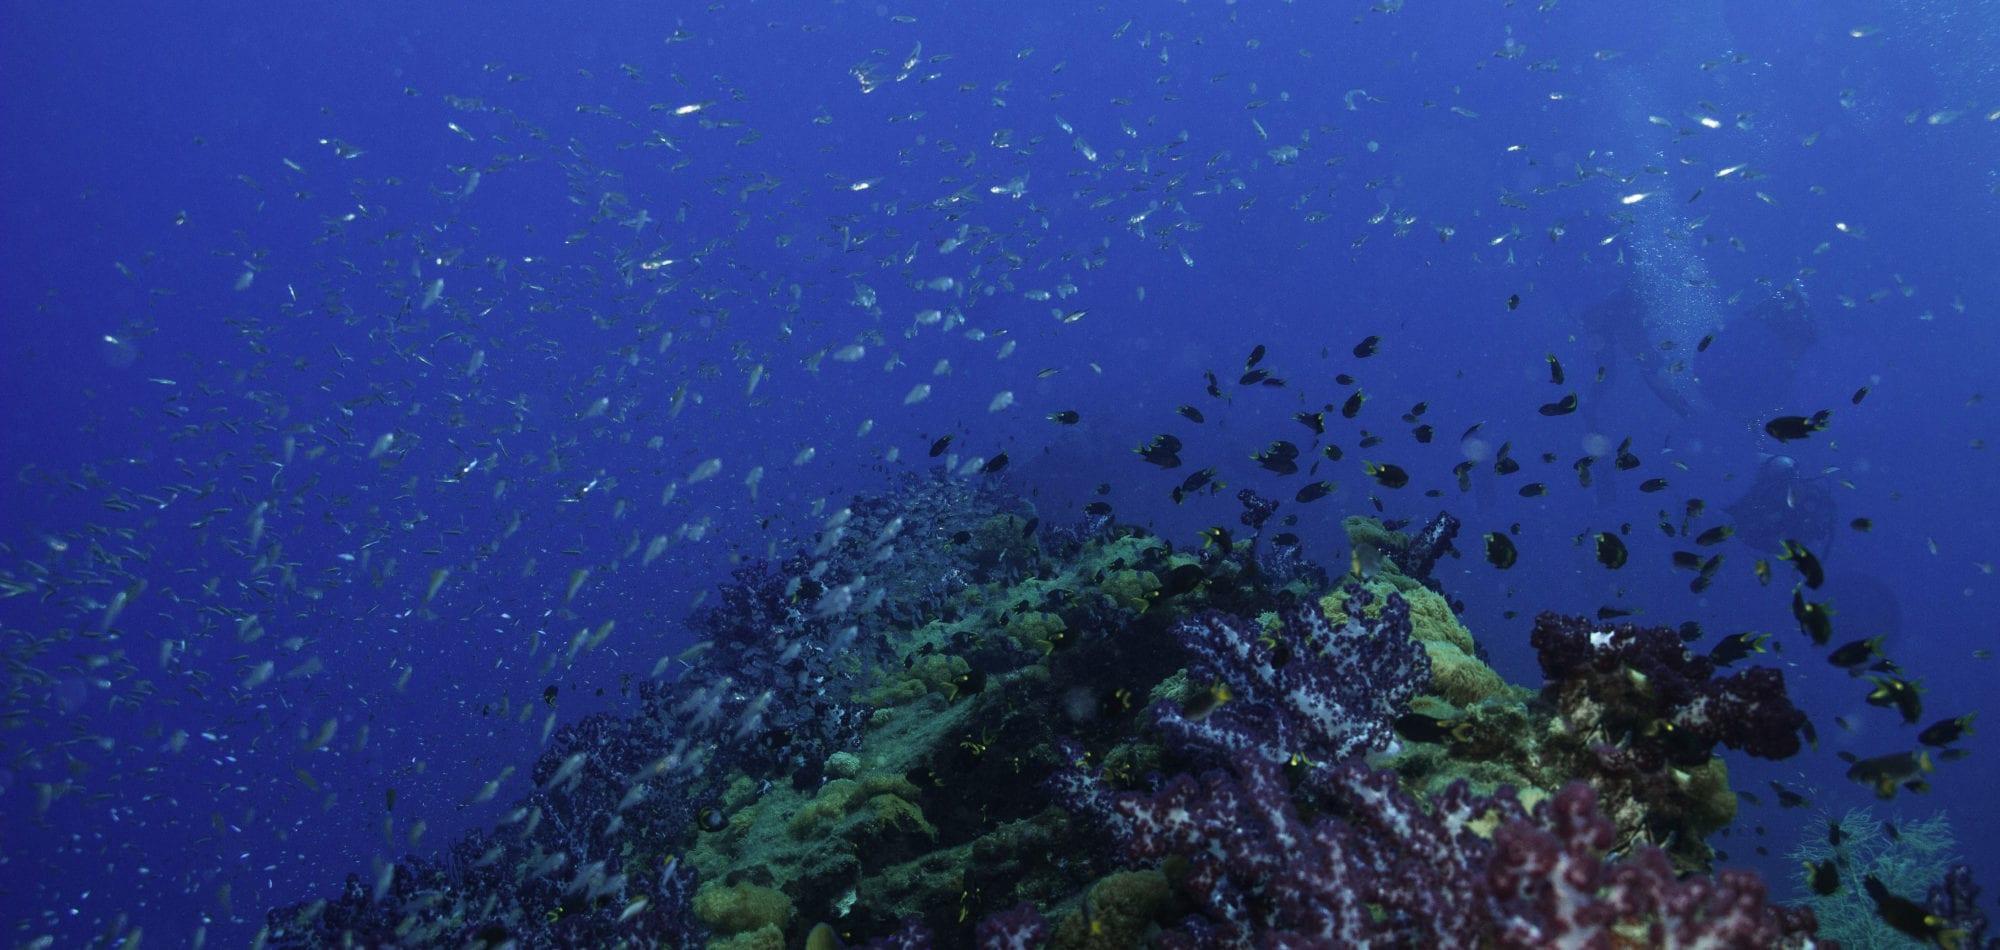 Scuba dive in Australia - Yongala Shipwreck